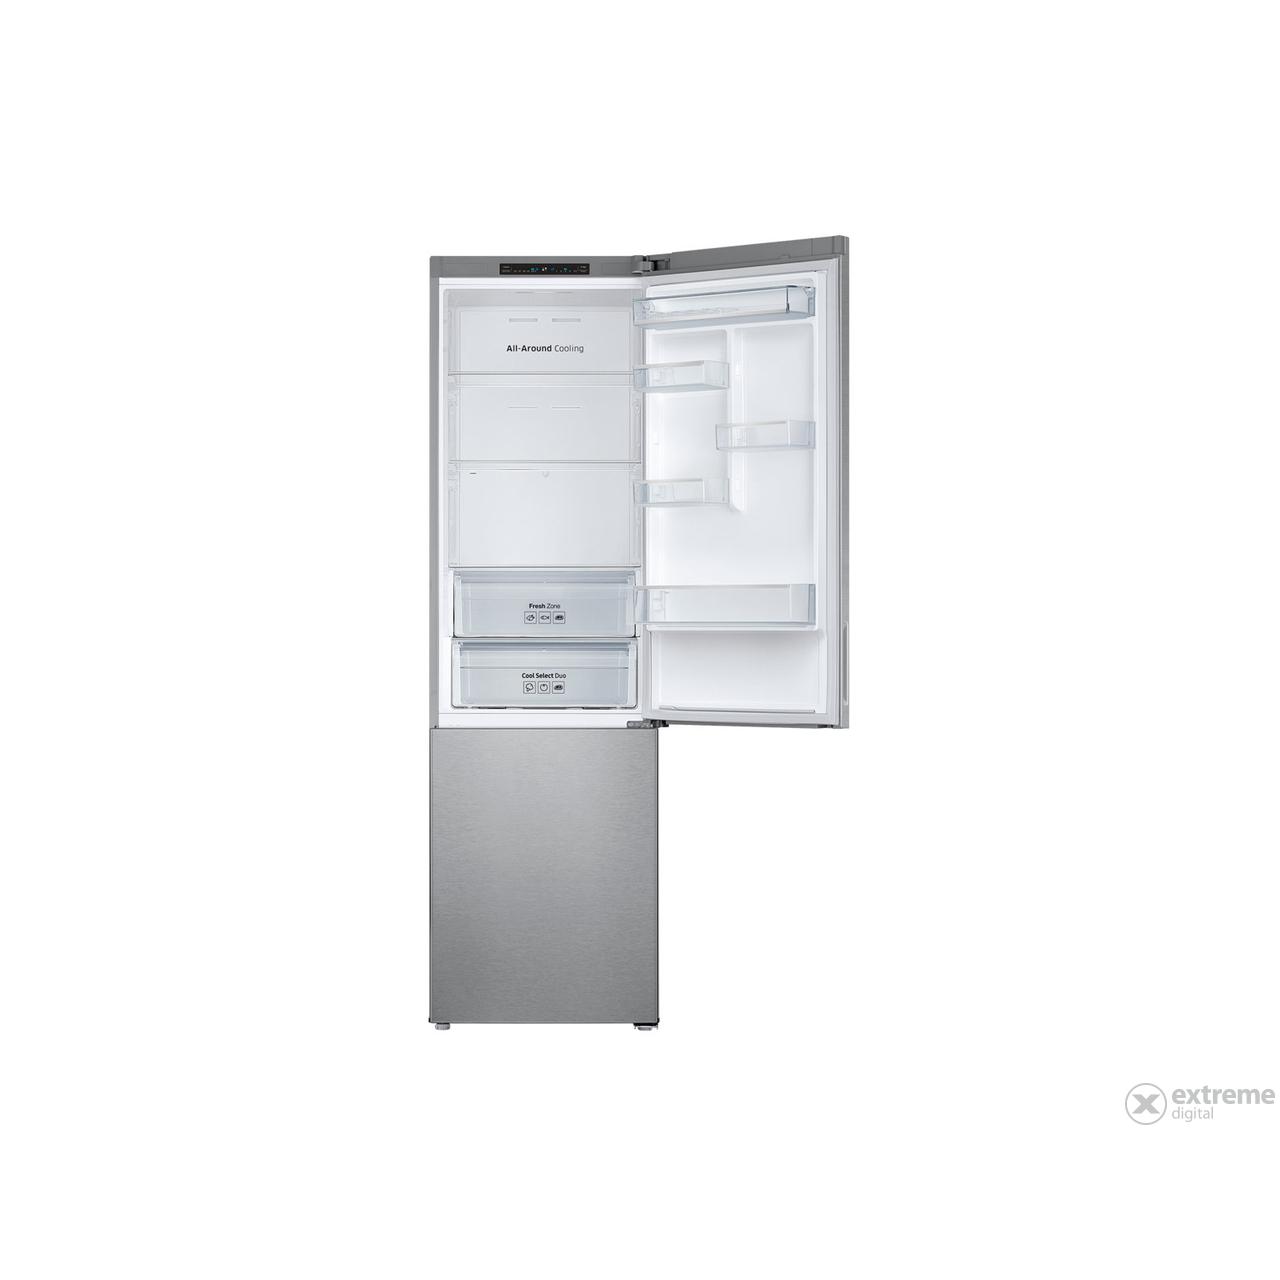 SAMSUNG RB37J506MSAEF No Frost kombinált hűtőszekrény